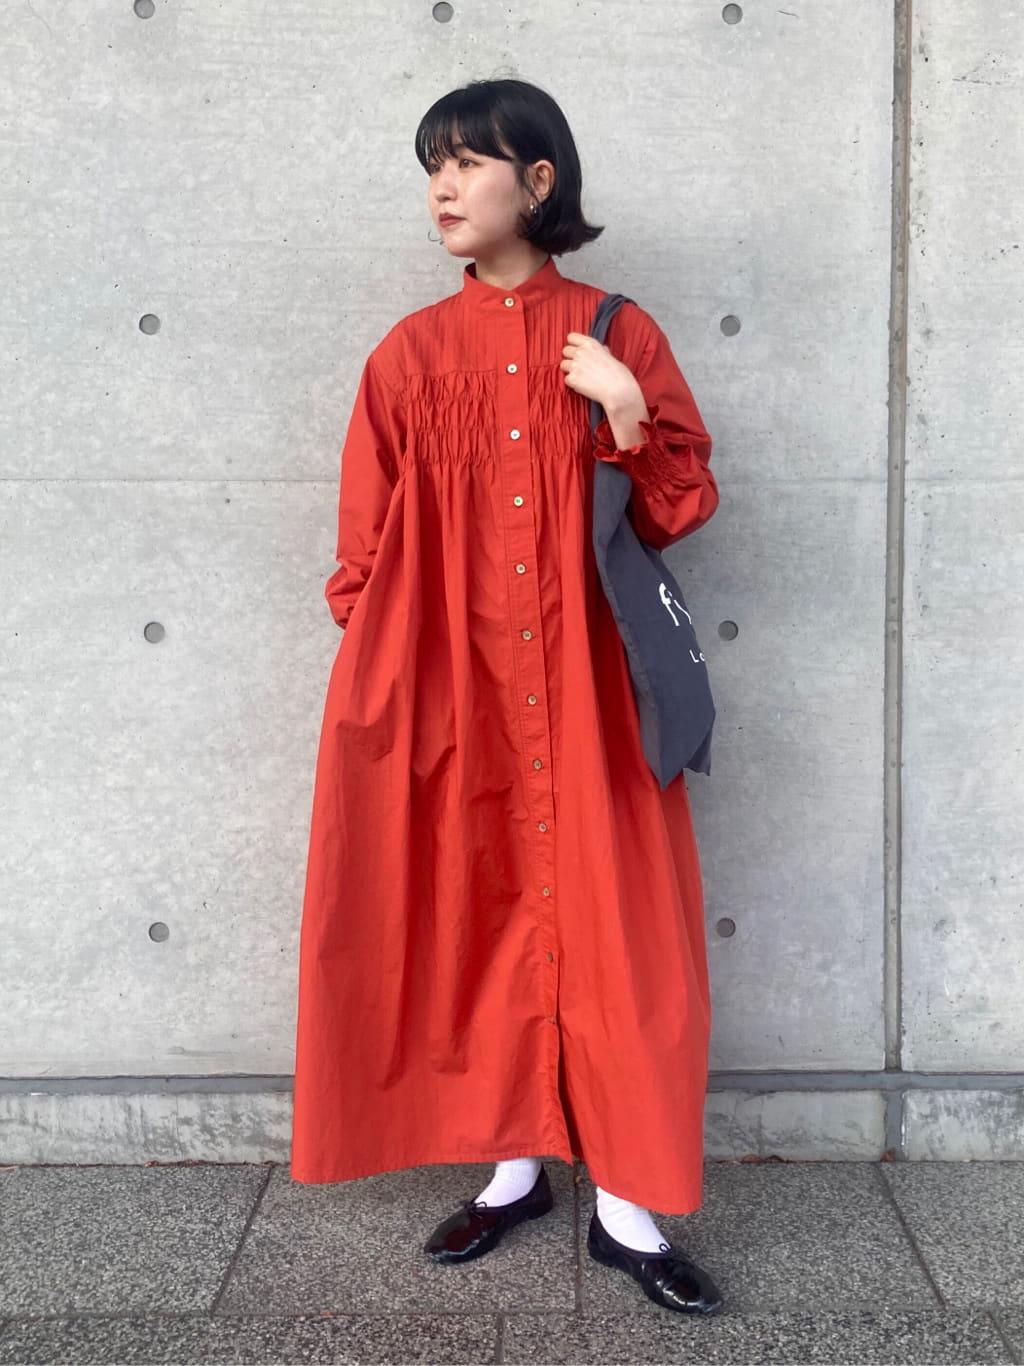 l'atelier du savon 東京スカイツリータウン・ソラマチ 身長:152cm 2021.09.22